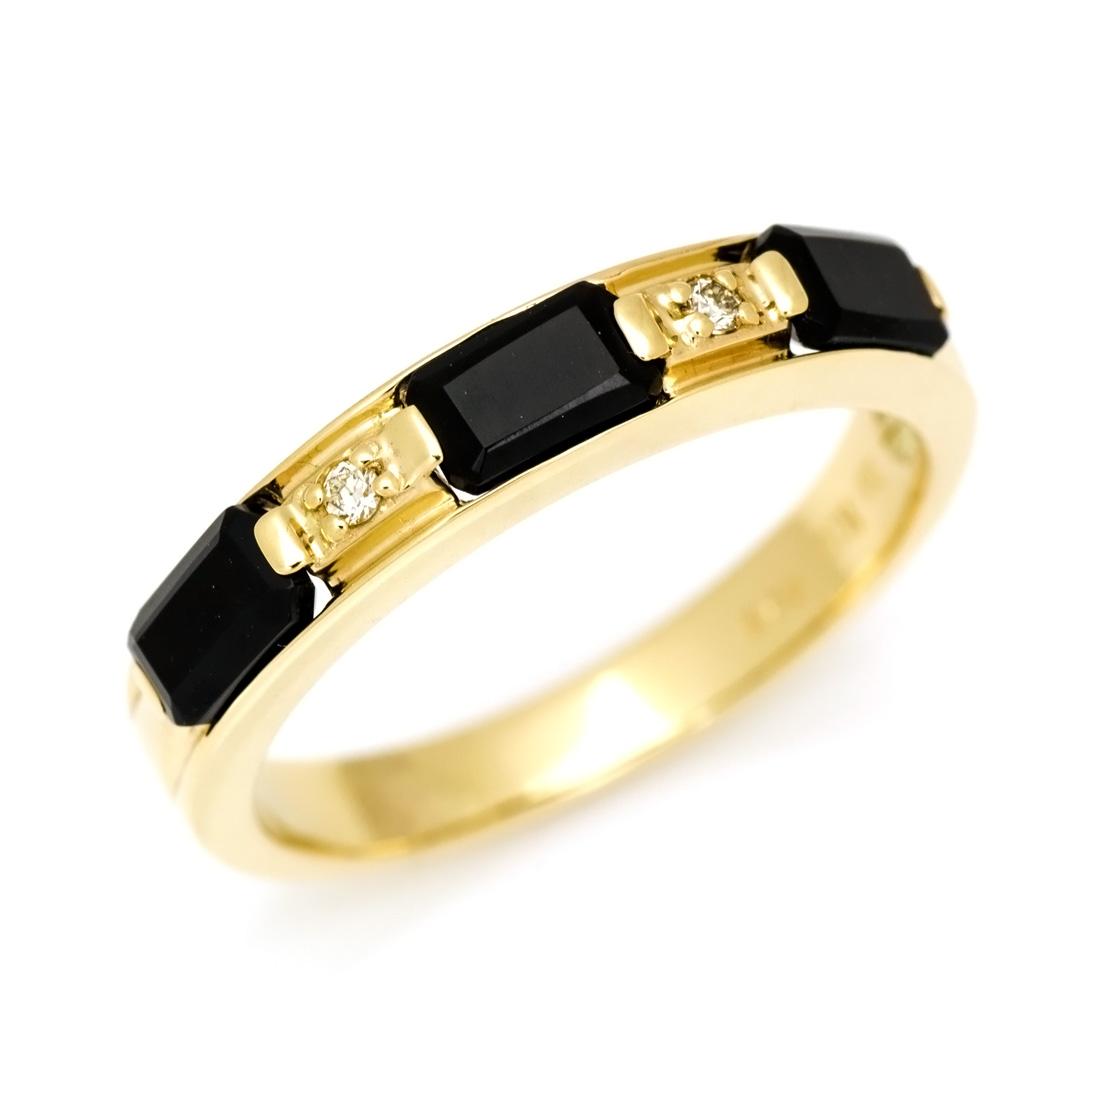 K10 オクタゴンカット オニキス ダイヤモンド リング 「lucente」送料無料 指輪 ゴールド 10K 10金 ダイアモンド 刻印 文字入れ メッセージ ギフト 贈り物 ピンキーリング対応可能